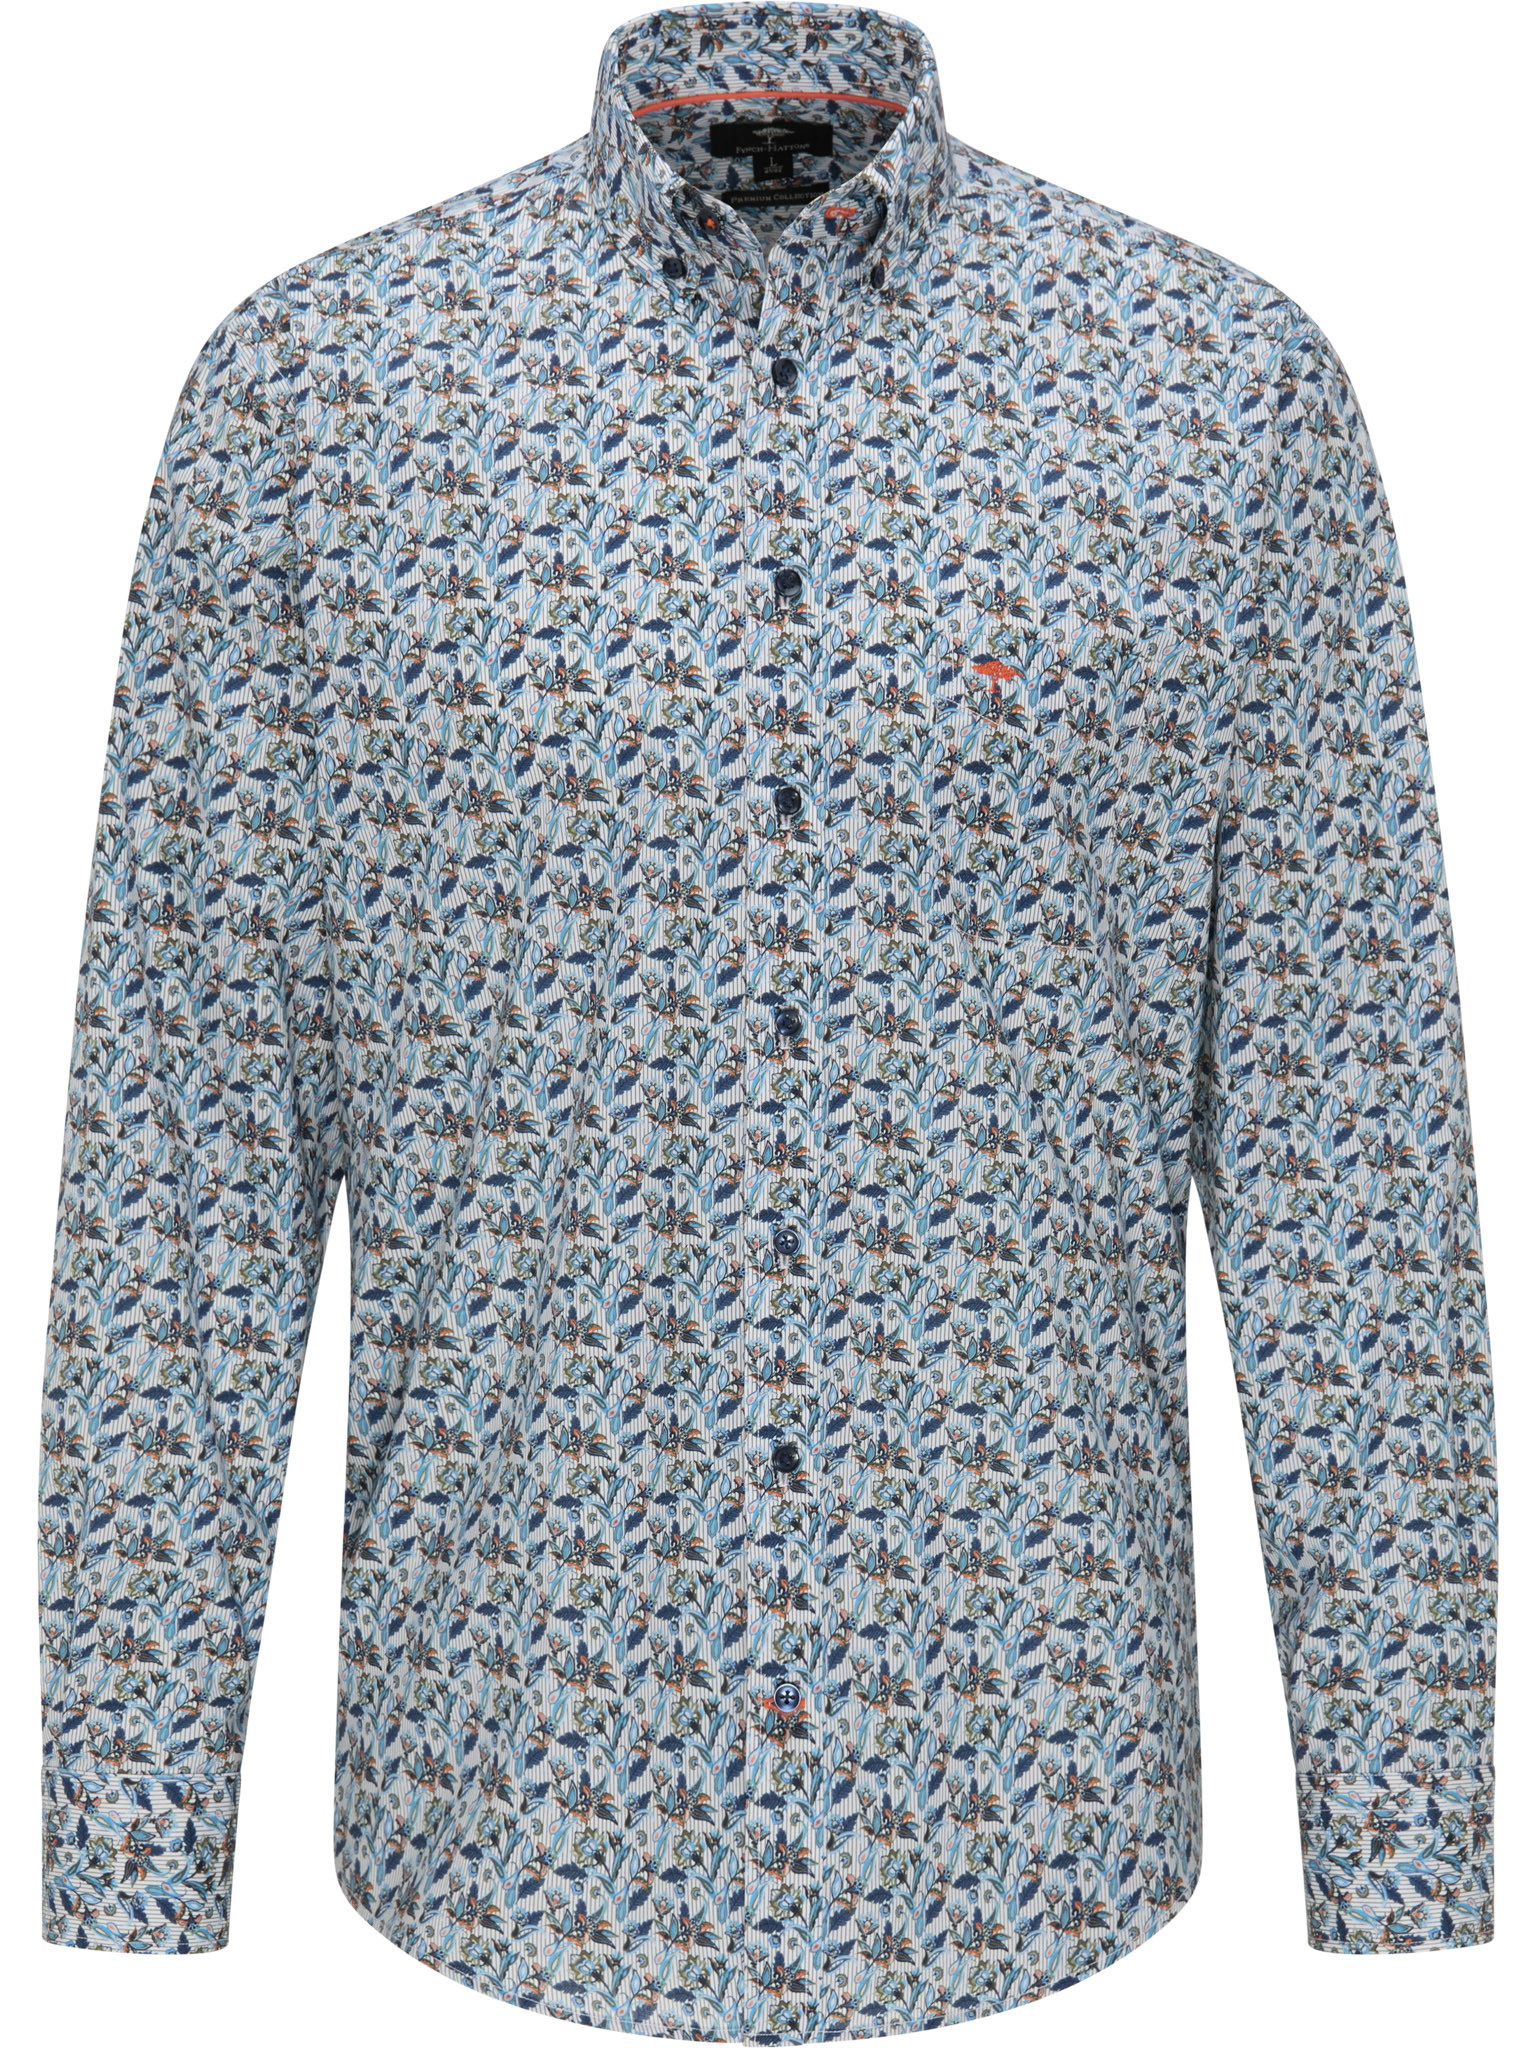 FYNCH HATTON chemise flower-2